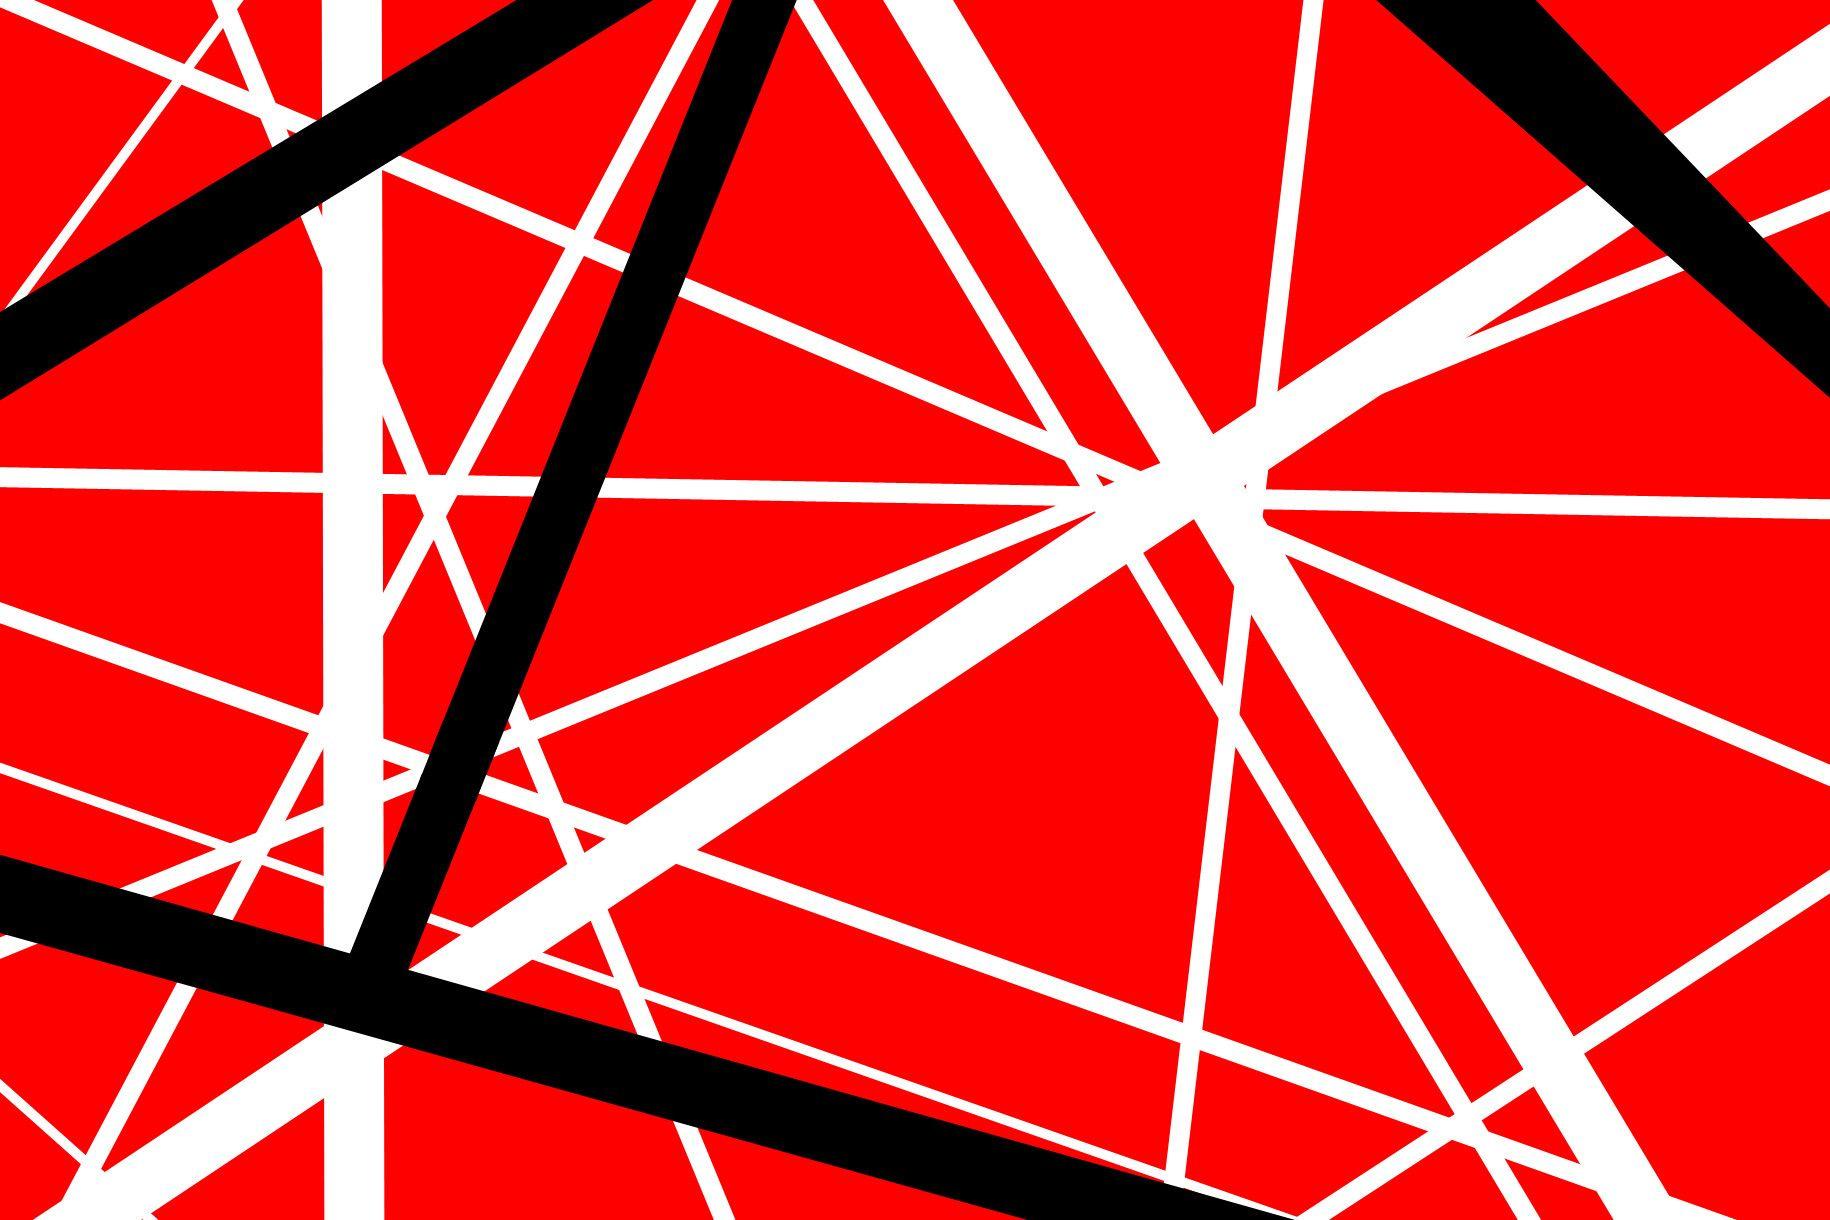 50 Eddie Van Halen Guitar Wallpapers   Download at WallpaperBro 1830x1220